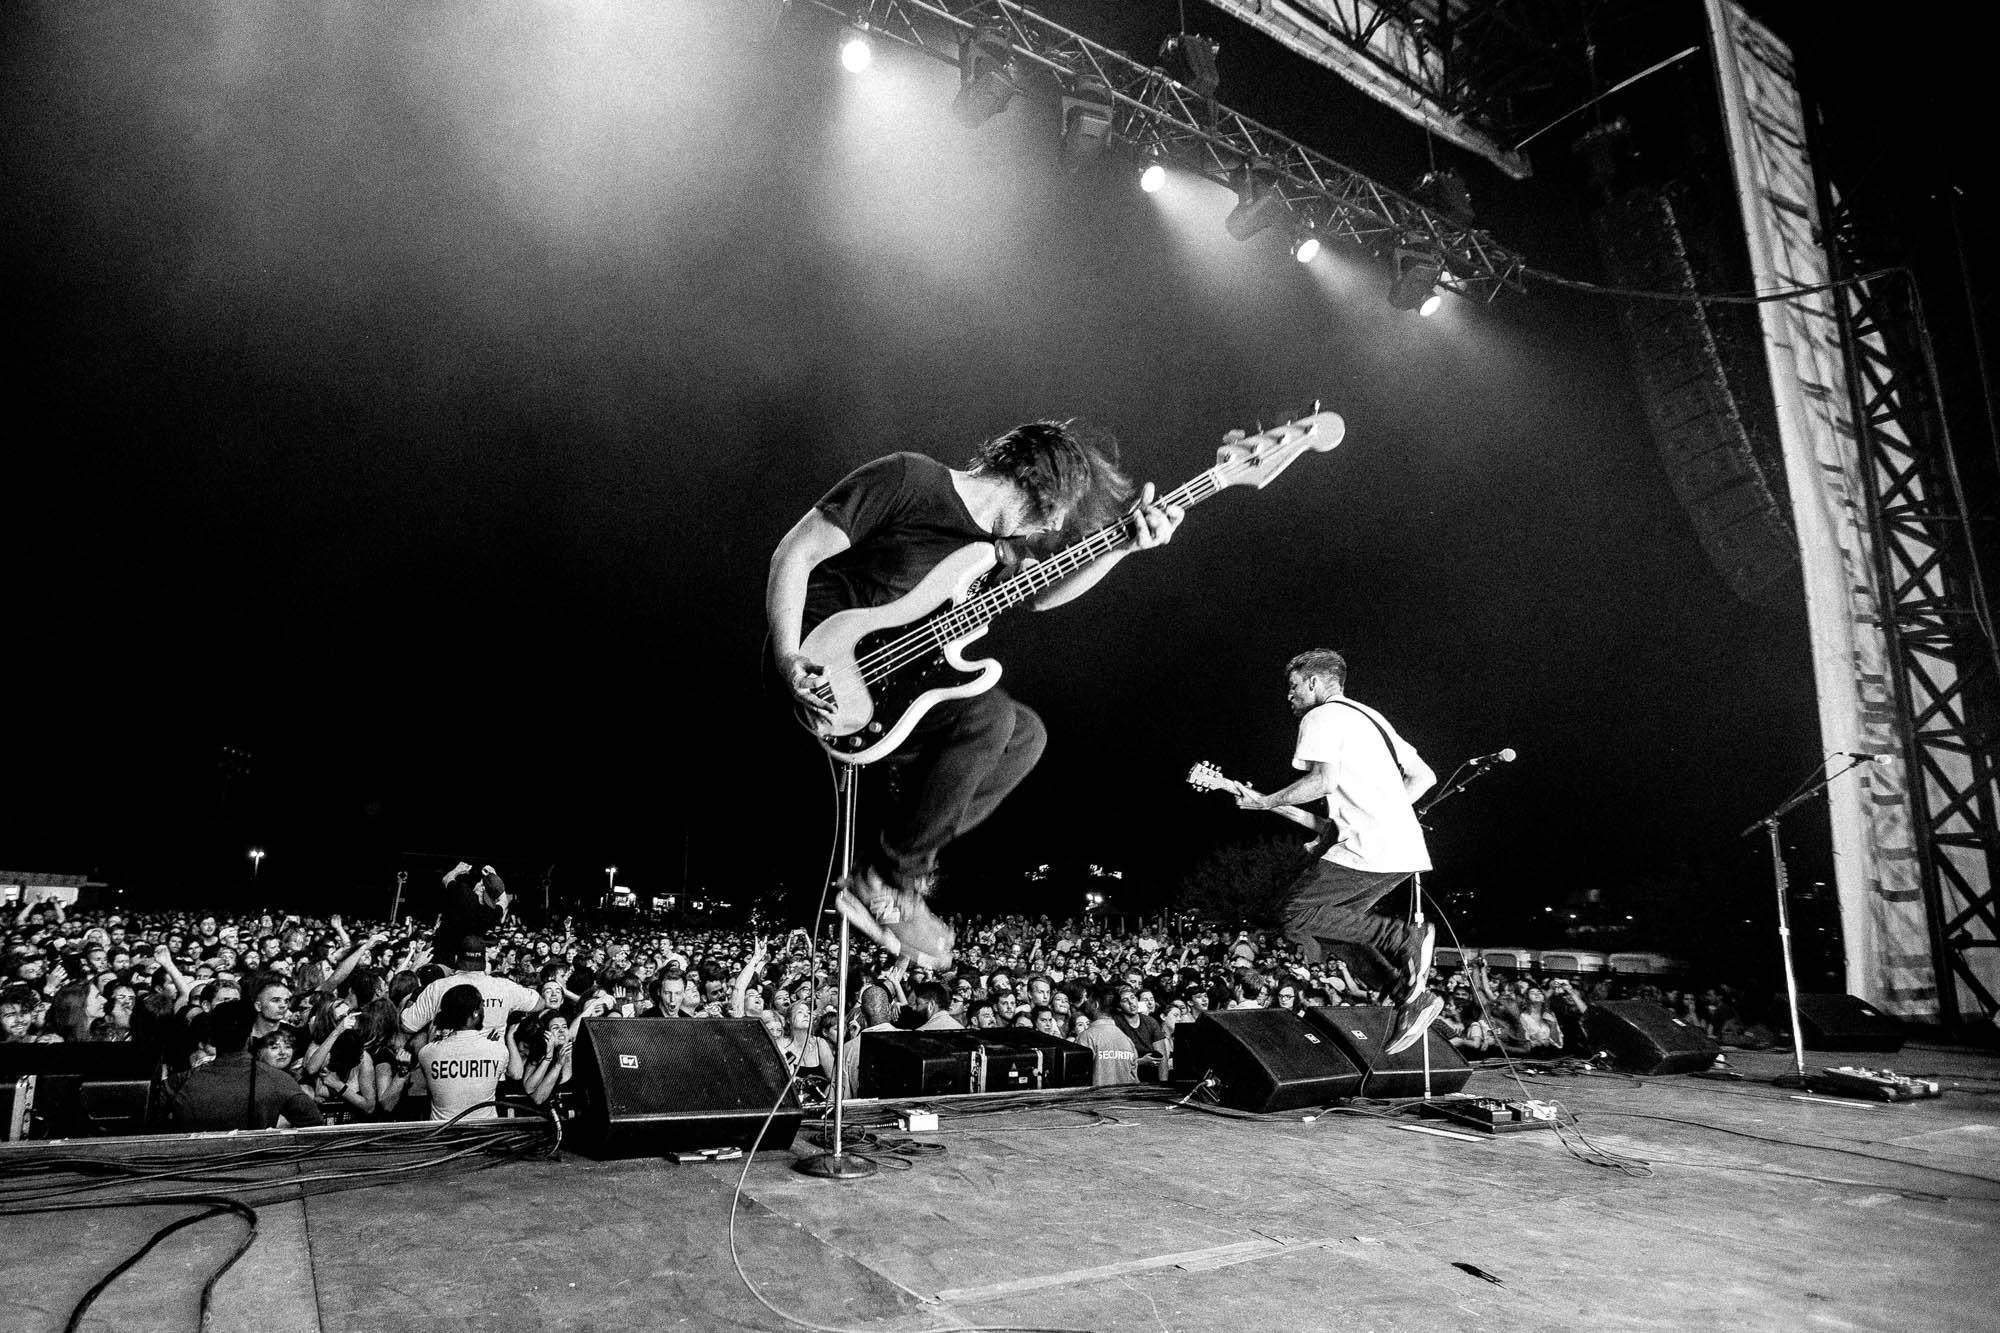 Deux hommes sont sur scène devant une foule nombreuse. Ils sont tous les deux capturés par l'appareil photo en train de sauter tout en tenant leurs guitares.